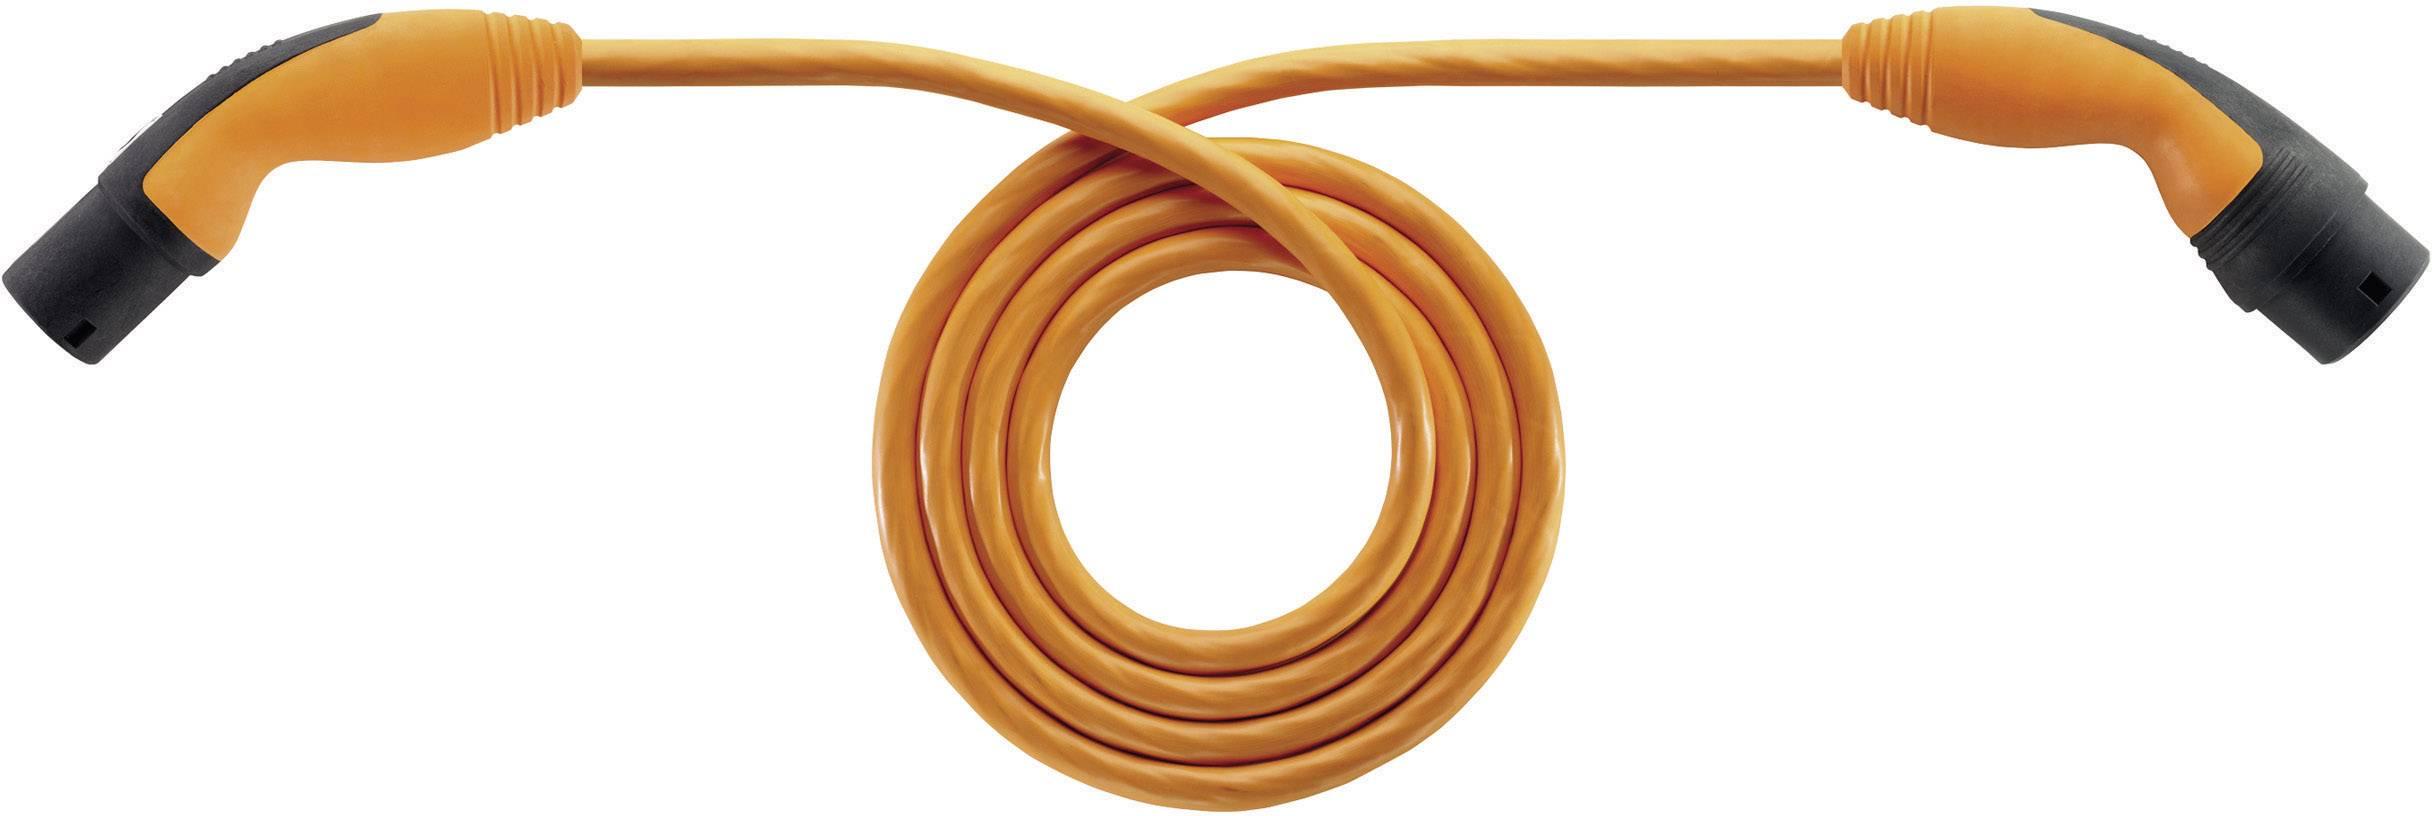 Nabíjecí kabely eMobility